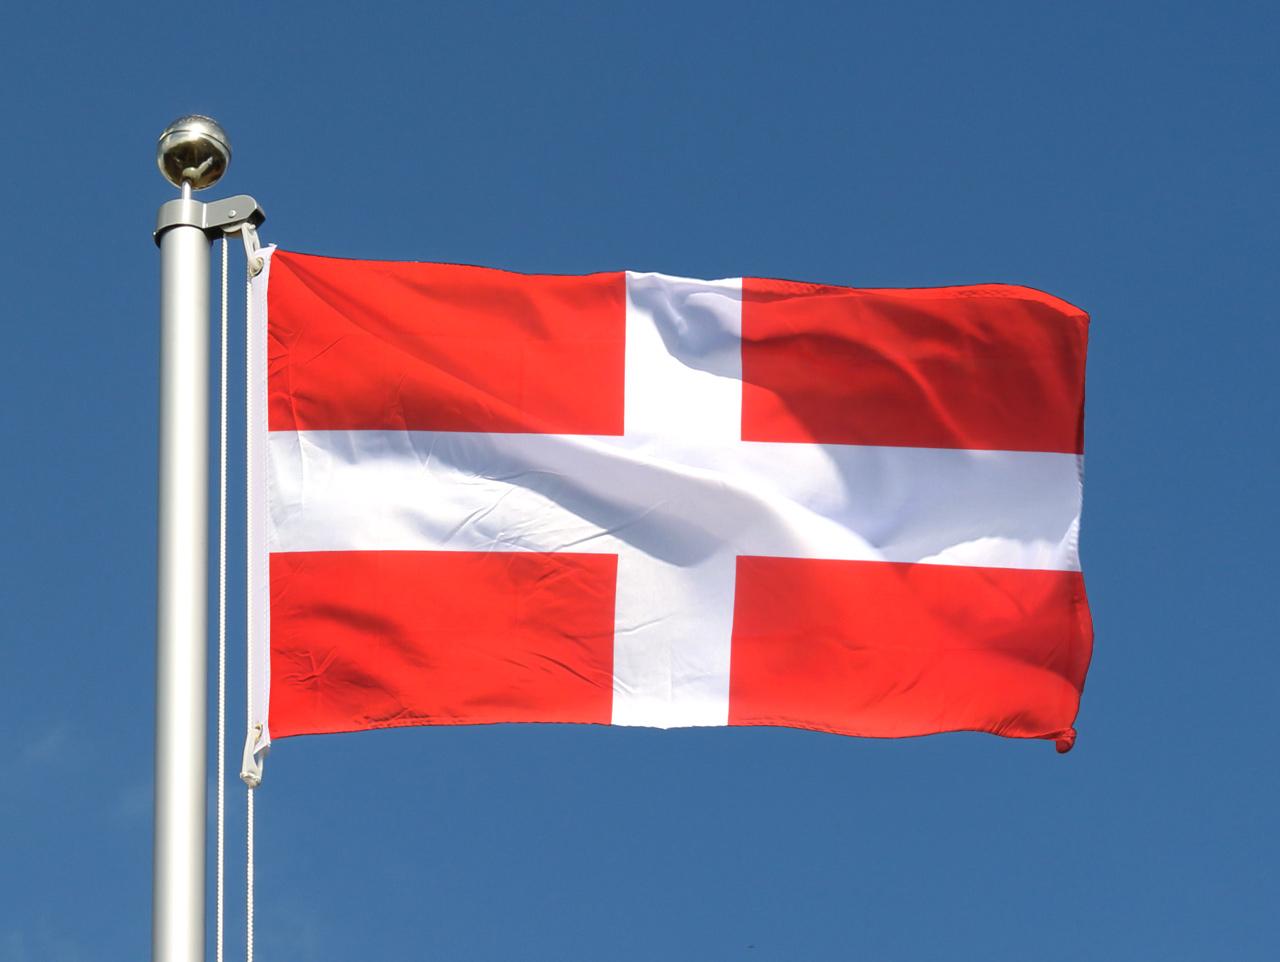 savoie drapeau - Image